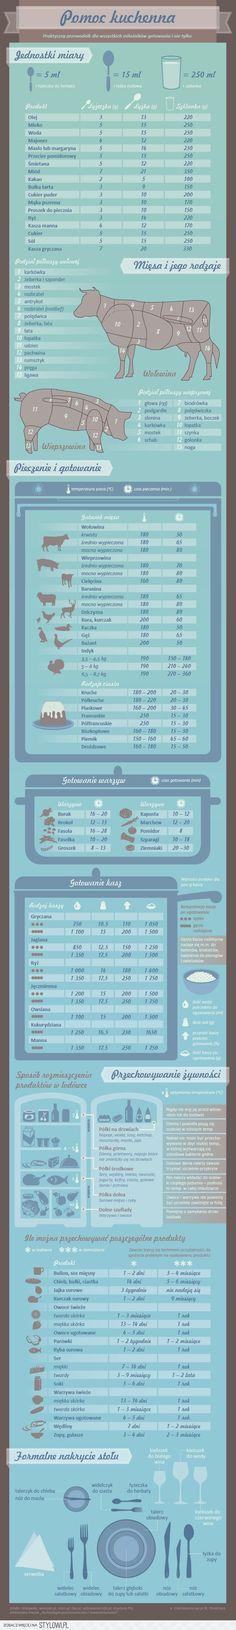 Pomoc kuchenna - Infografika - WP.Pl na Stylowi.pl